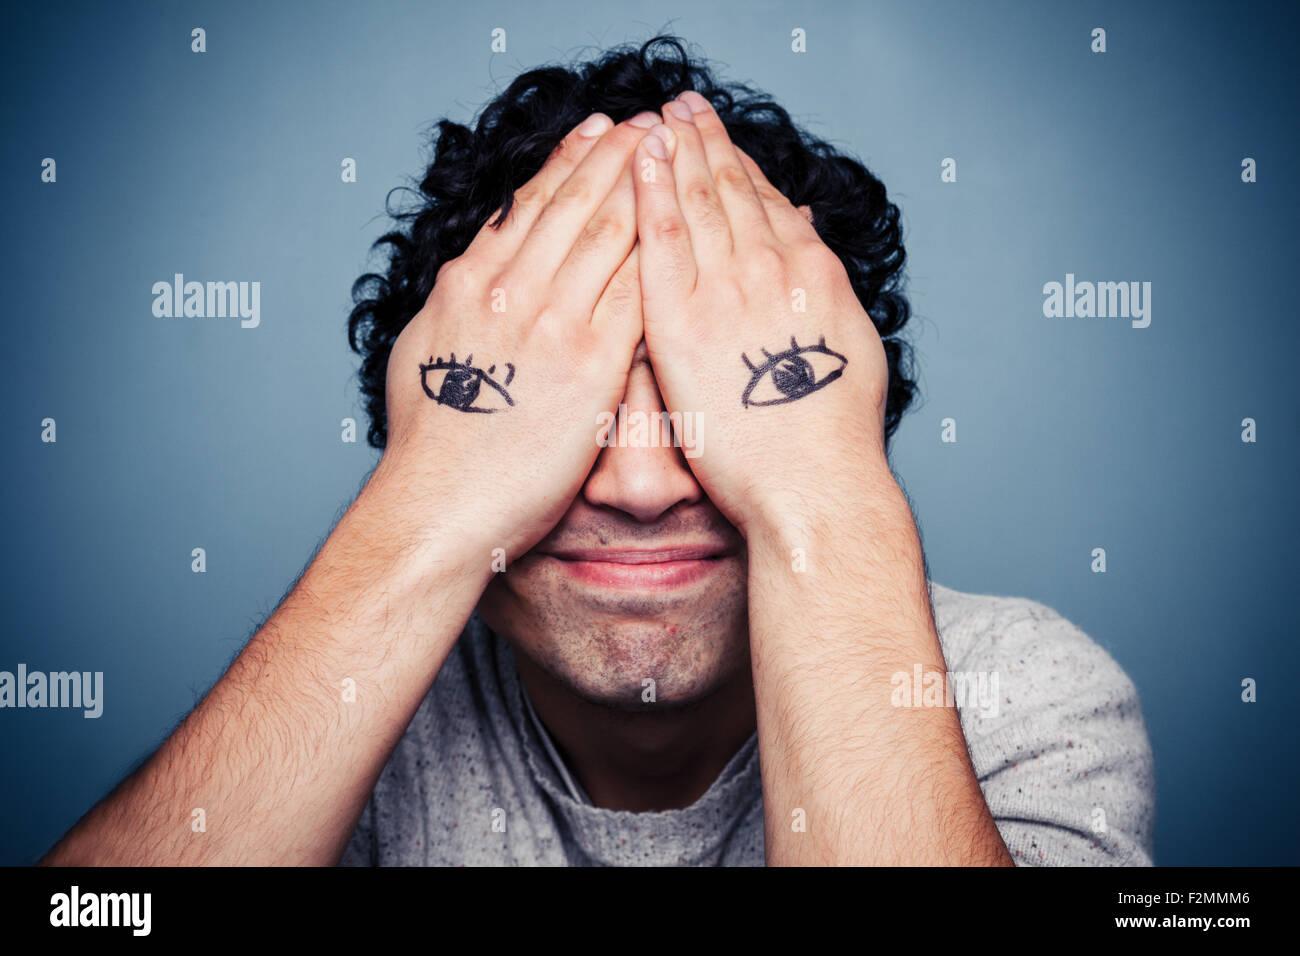 Joven con ojos pintados en sus manos Imagen De Stock